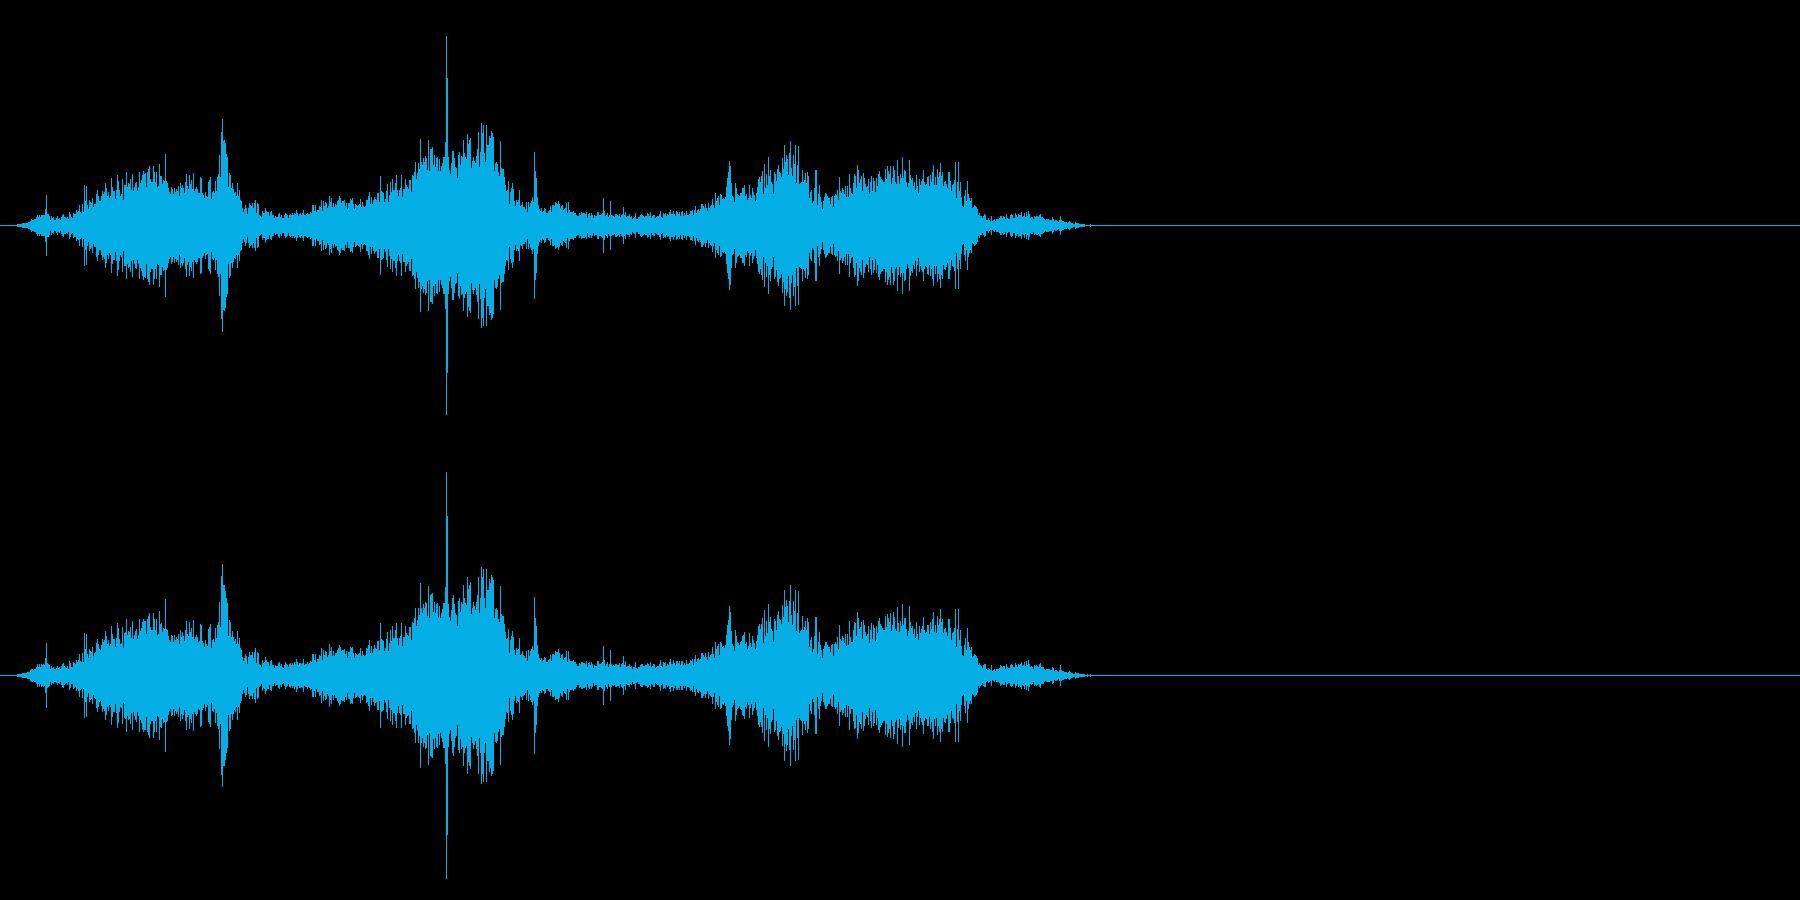 布団_布団の中でゴソゴソするの再生済みの波形